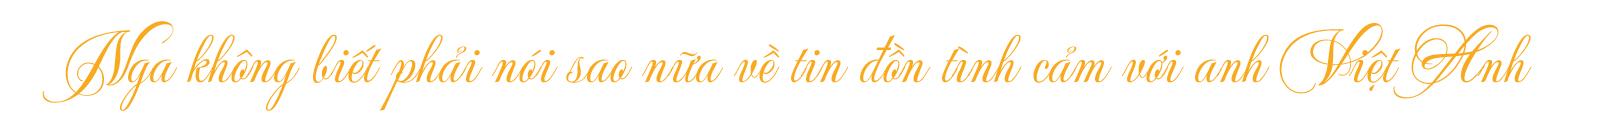 """Thân mật với Việt Anh trong tiệc sinh nhật, """"cá sấu chúa"""" Quỳnh Nga nói gì? - 10"""